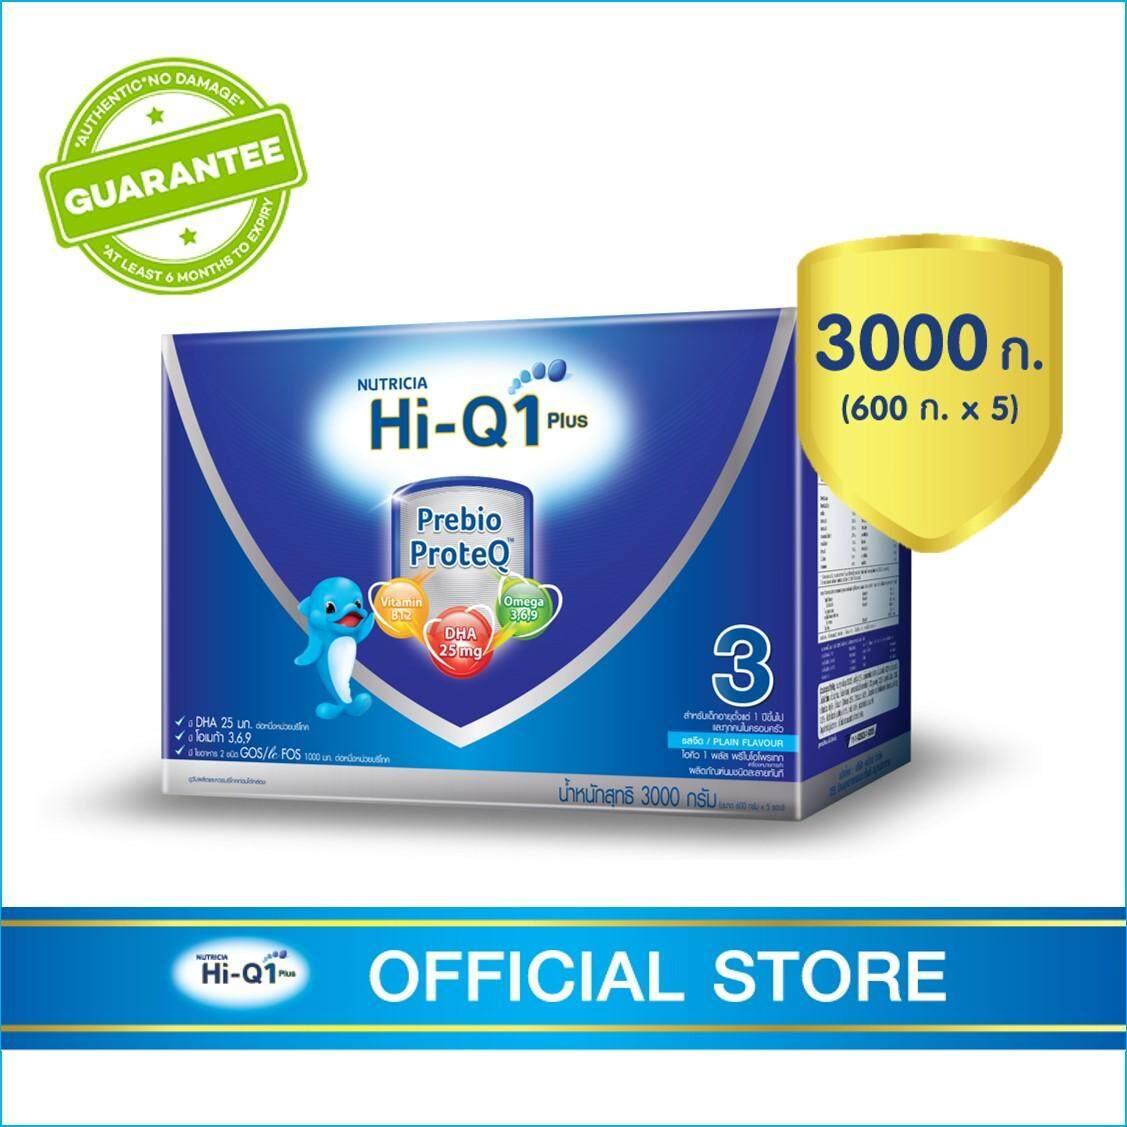 นมผง Hi-Q ไฮคิว 1 พลัส พรีไบโอโพรเทก รสจืด 3000 กรัม (ช่วงวัยที่ 3)